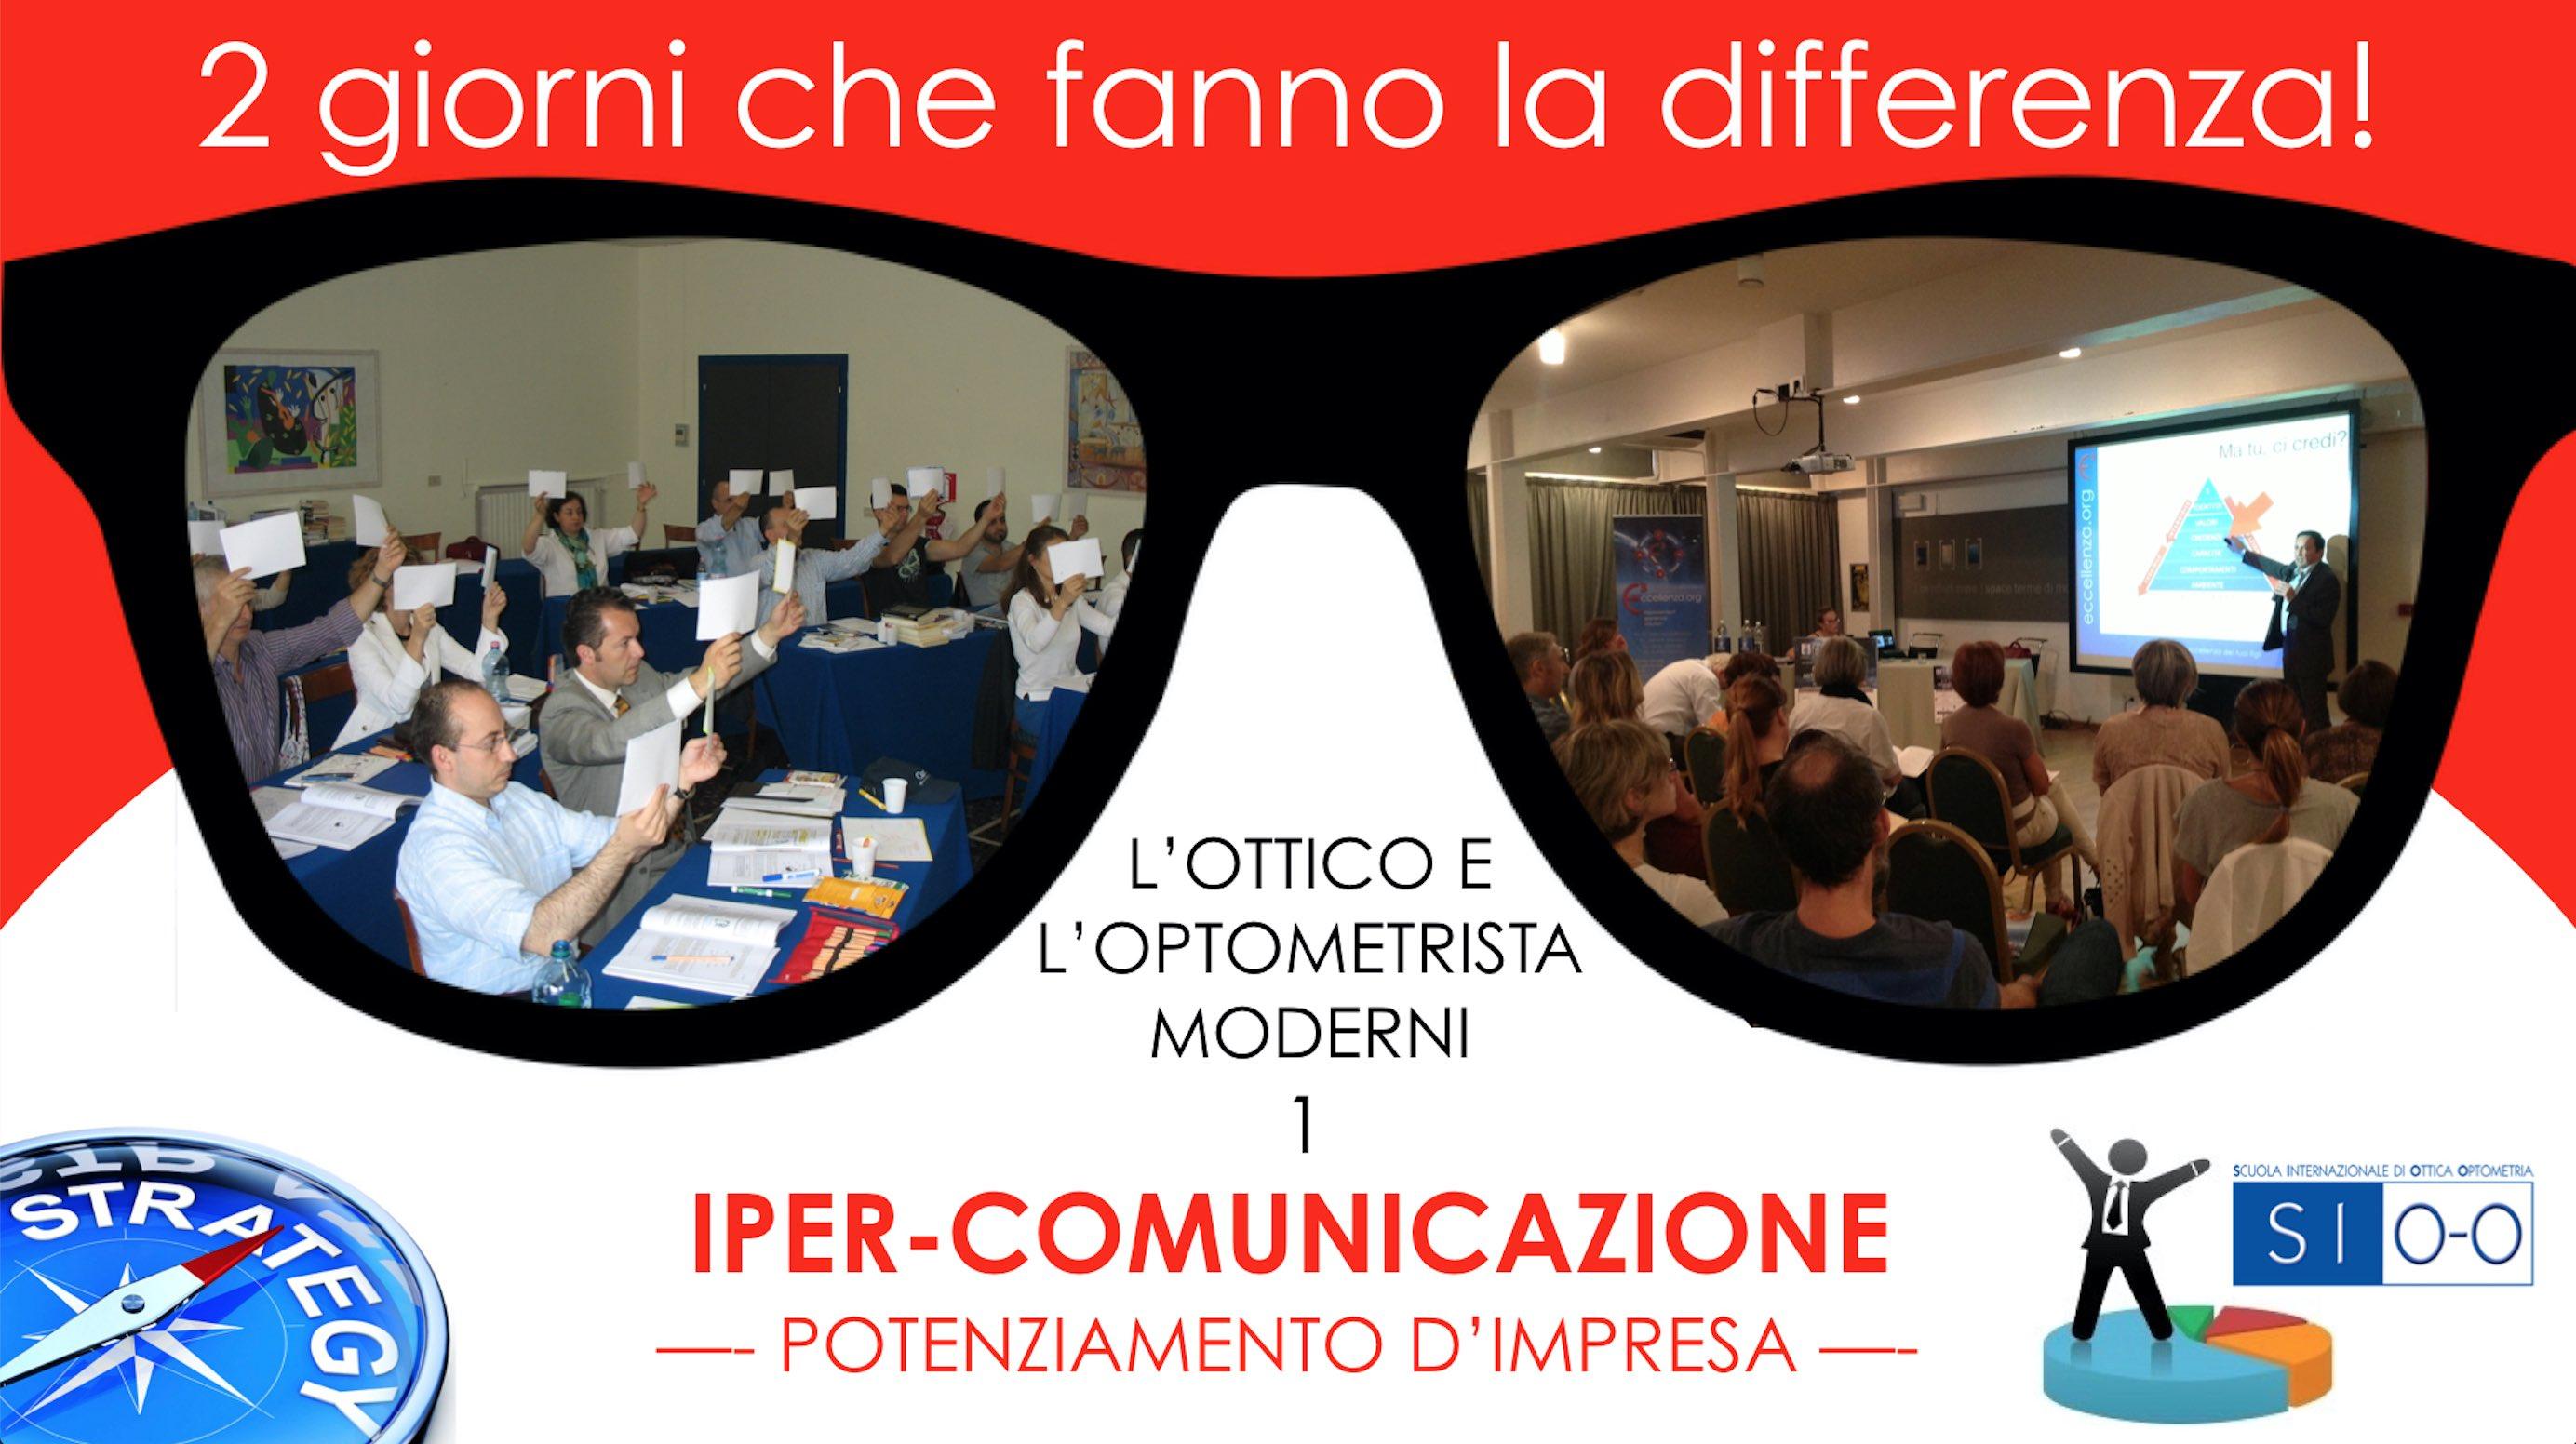 cover-corso-ottici-iper-comunicazione